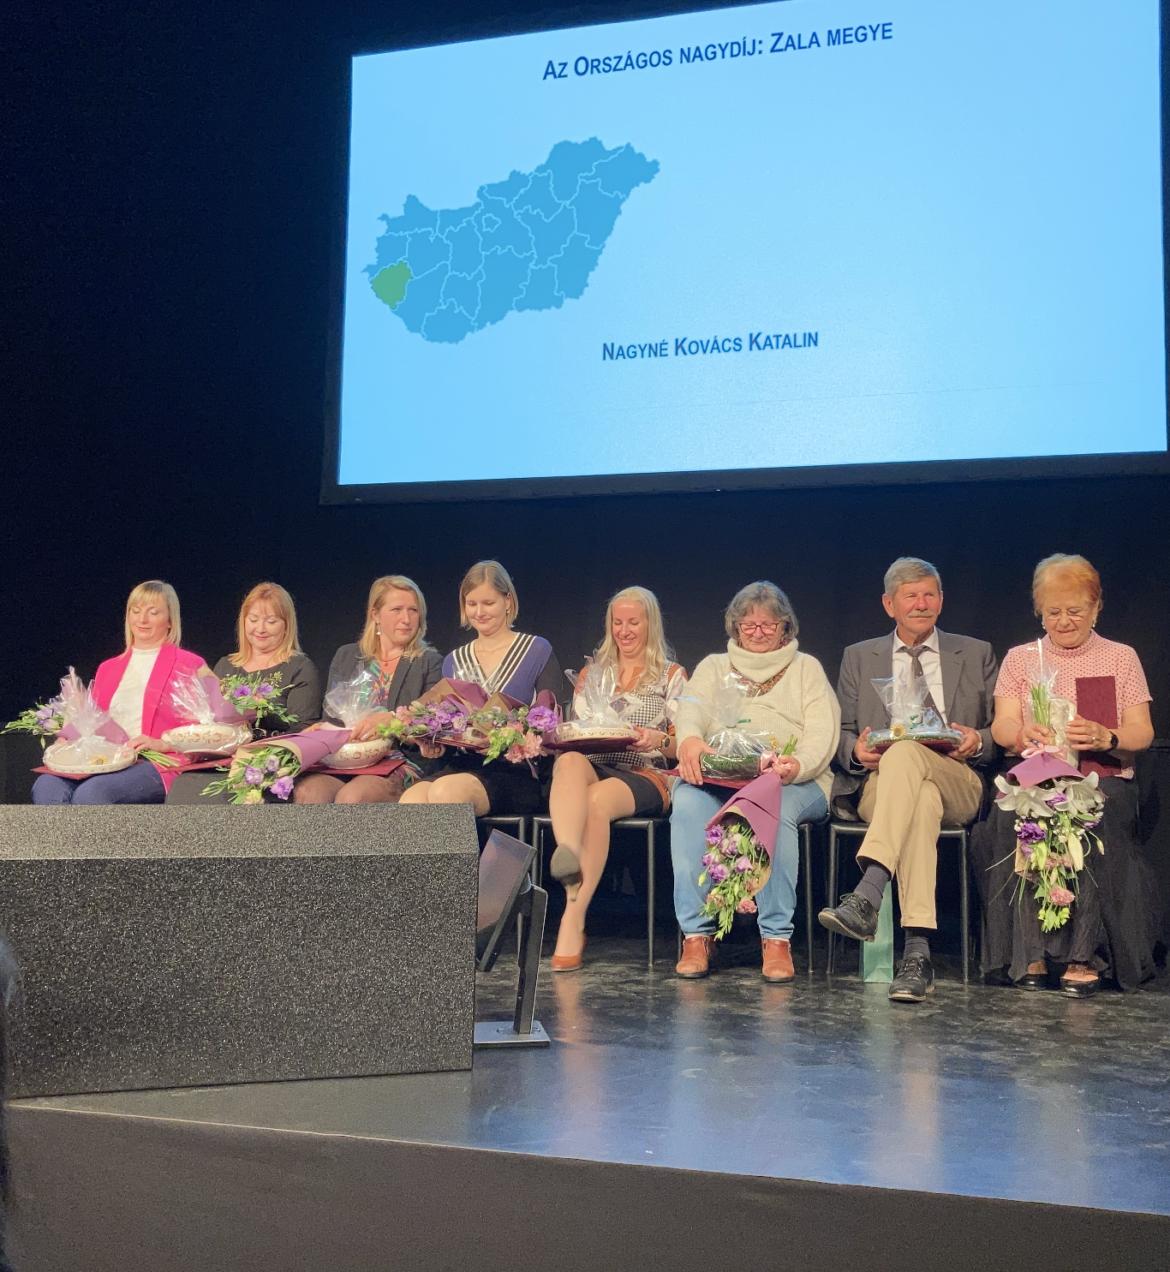 Régiók Falusi Szolgáltatói 2021 díjátadó